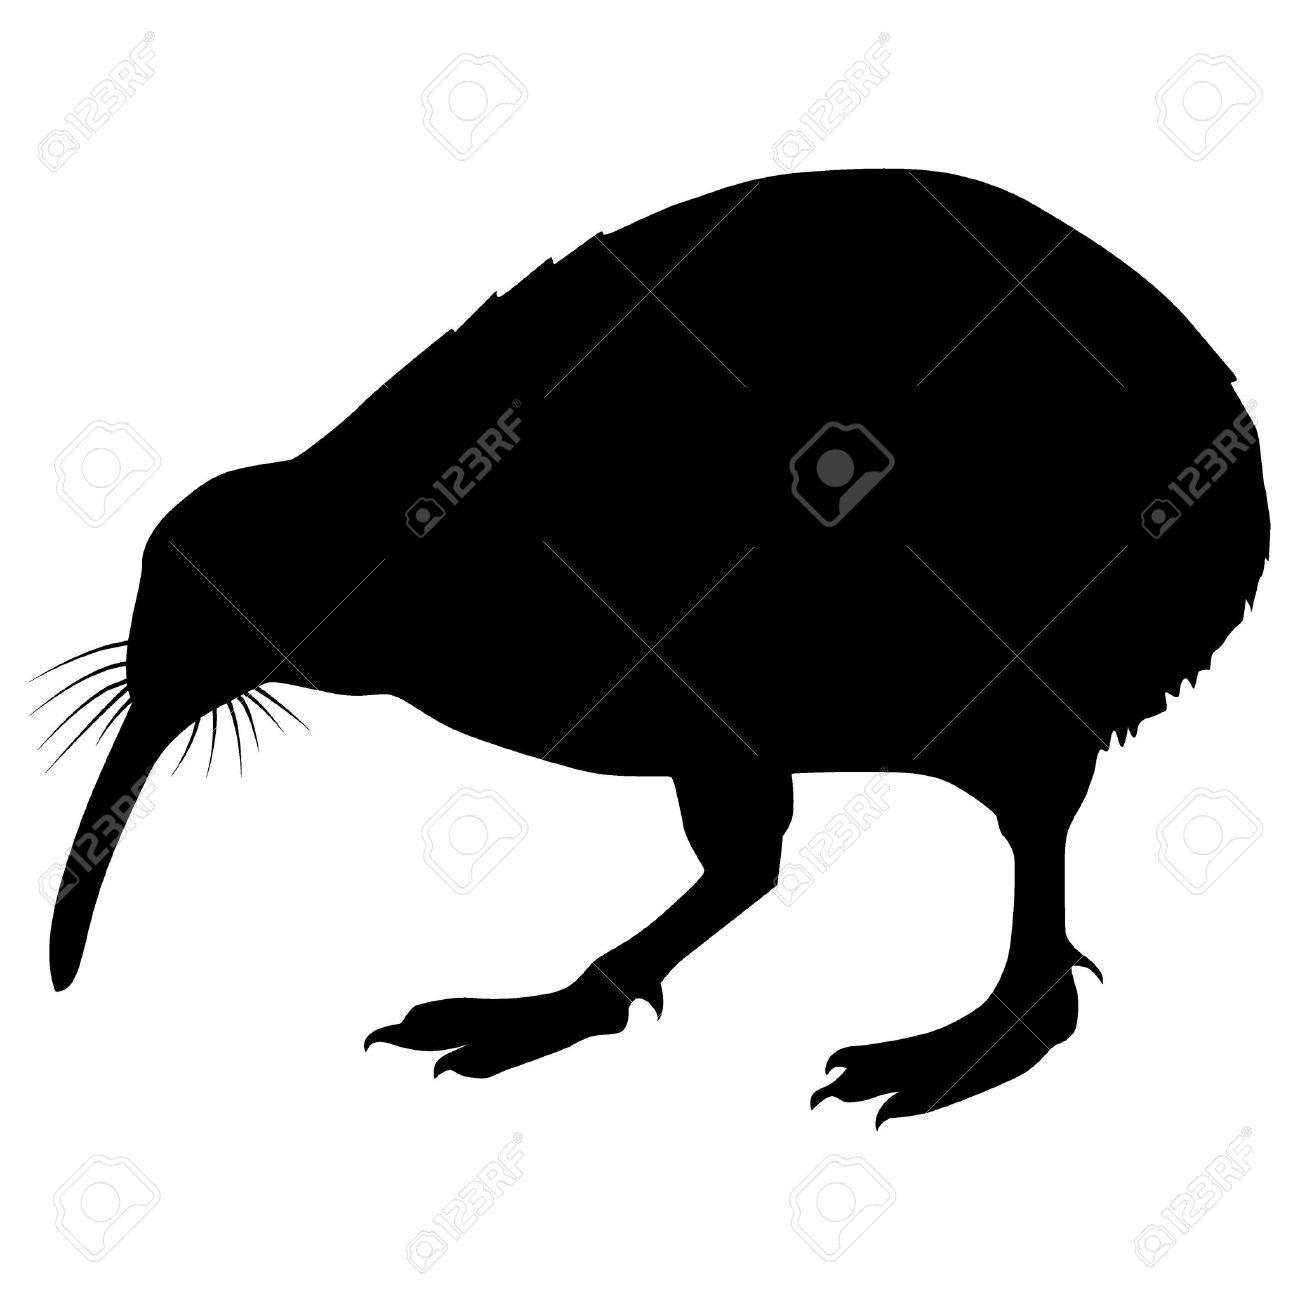 Kiwi Cartoon Drawing Silhouette of a Bird Kiwi